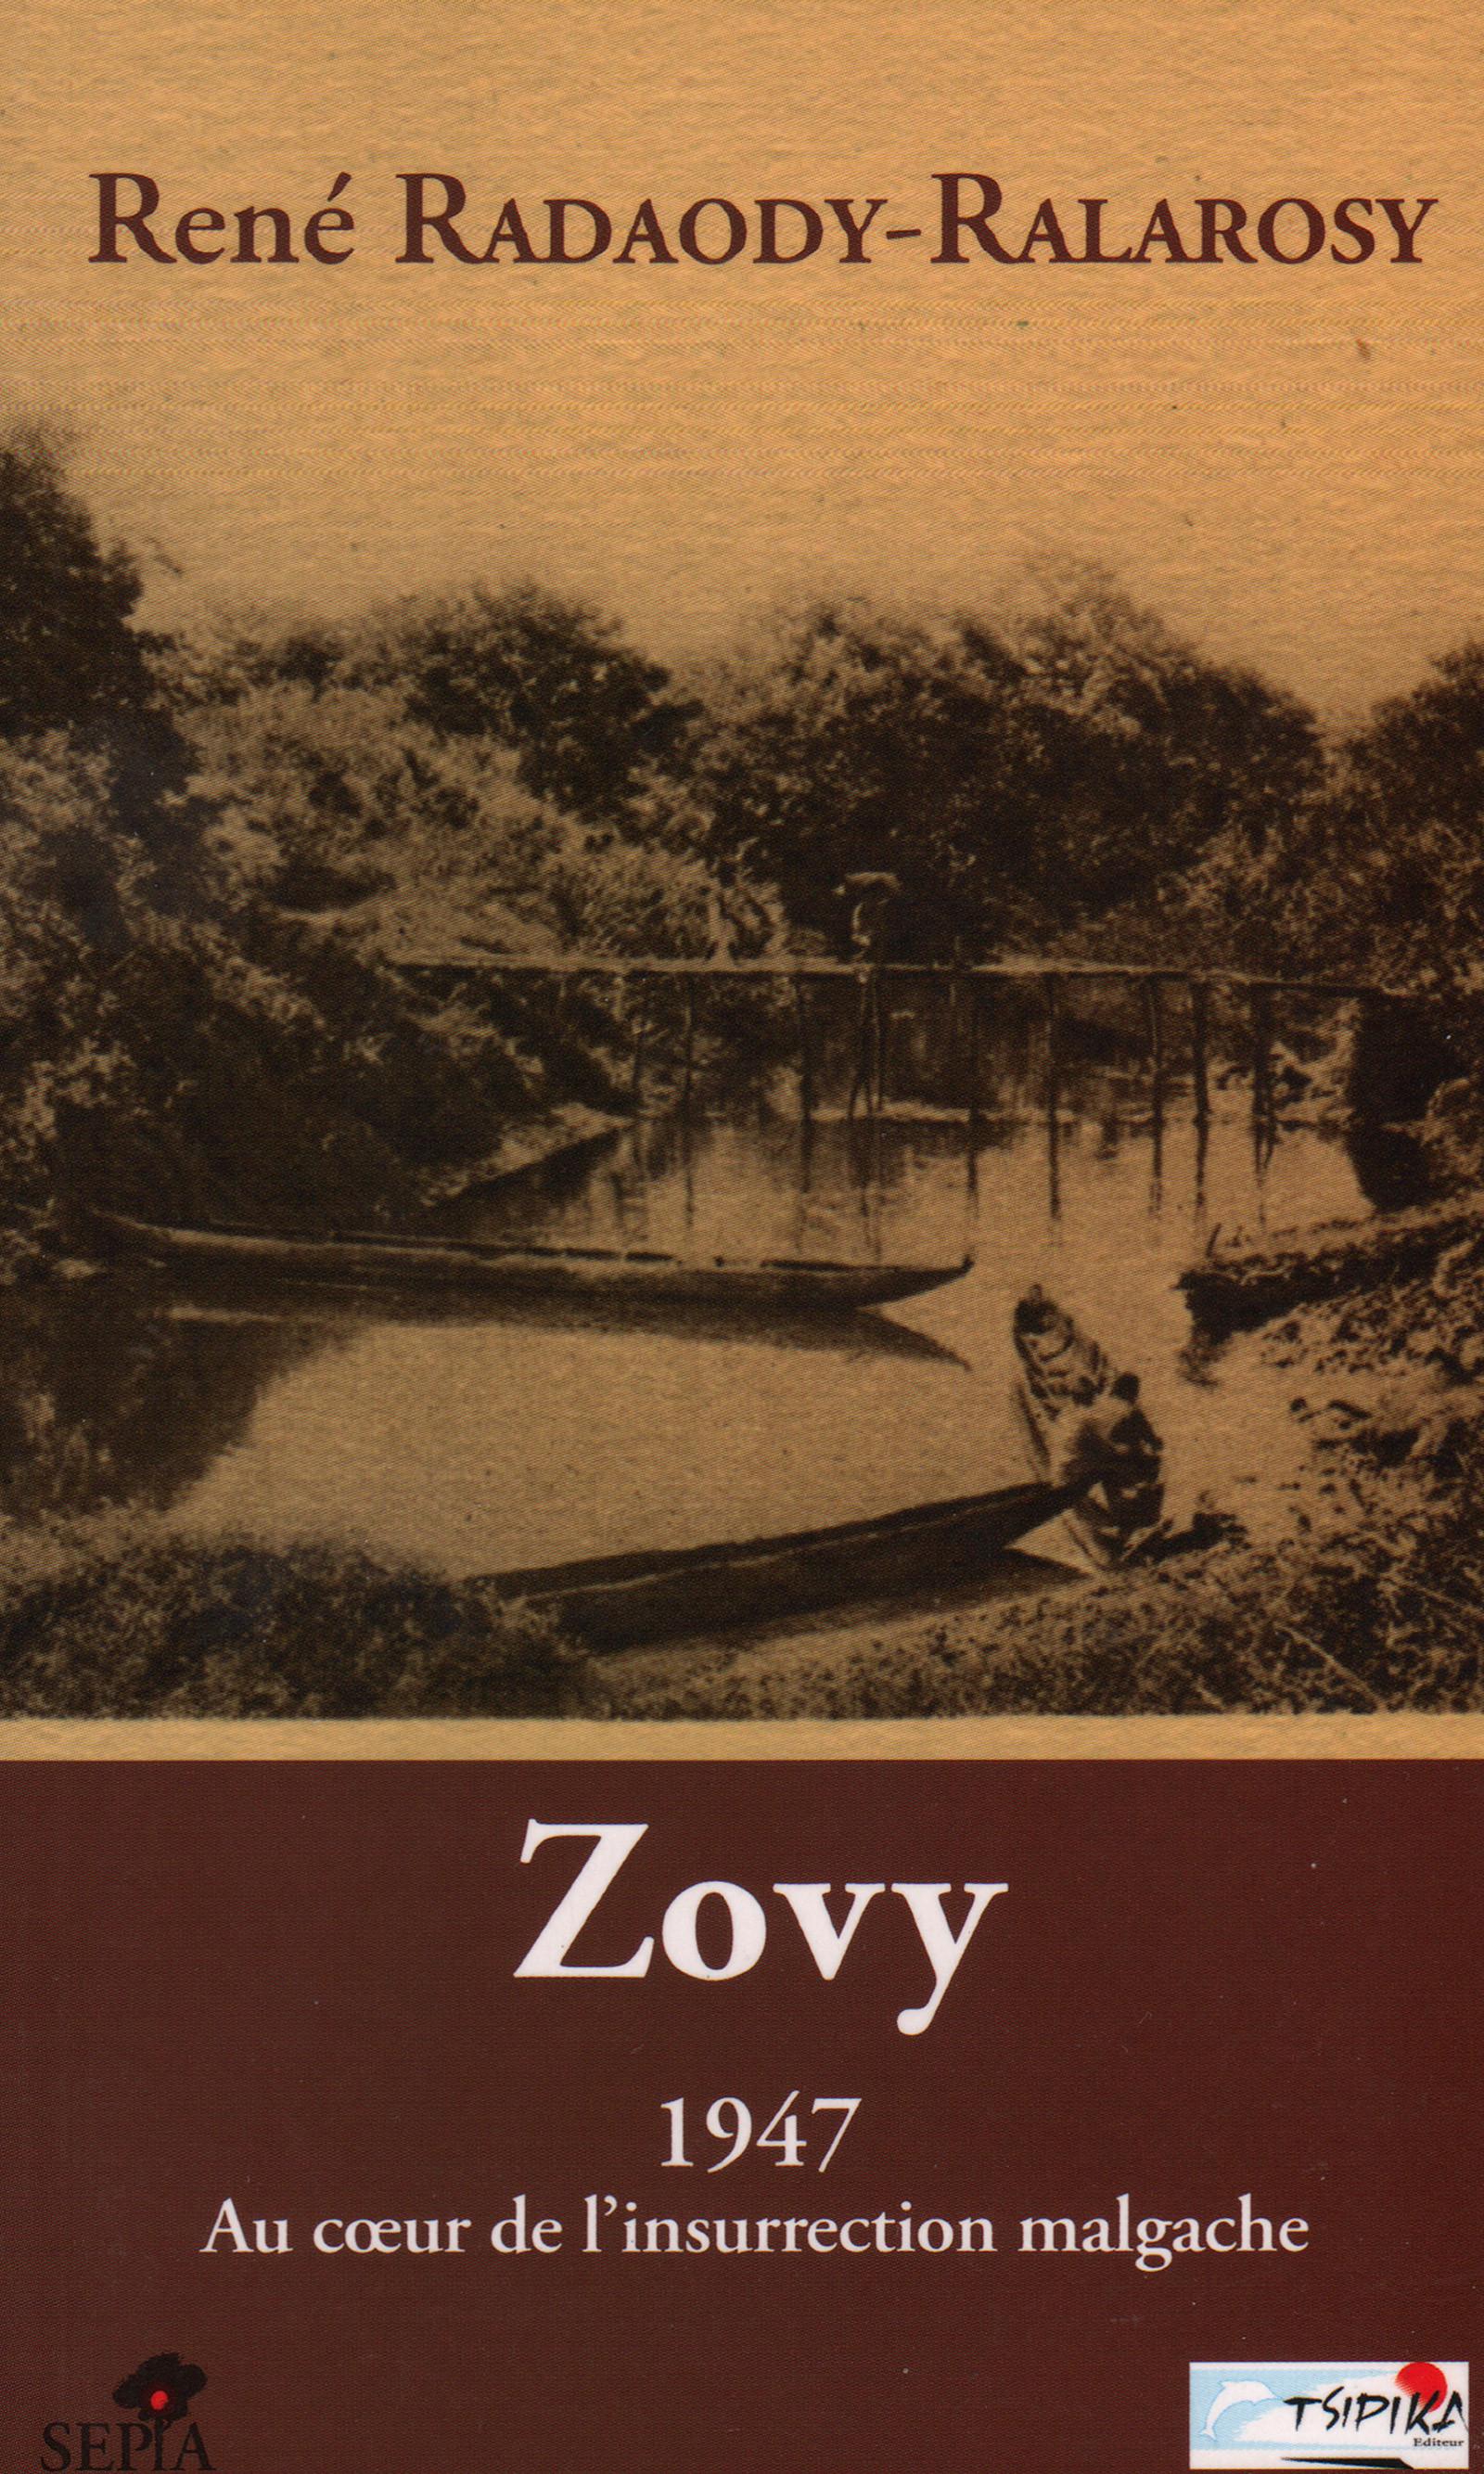 ZOVY, 1947 AU COEUR DE L'INSURRECTION MALGACHE